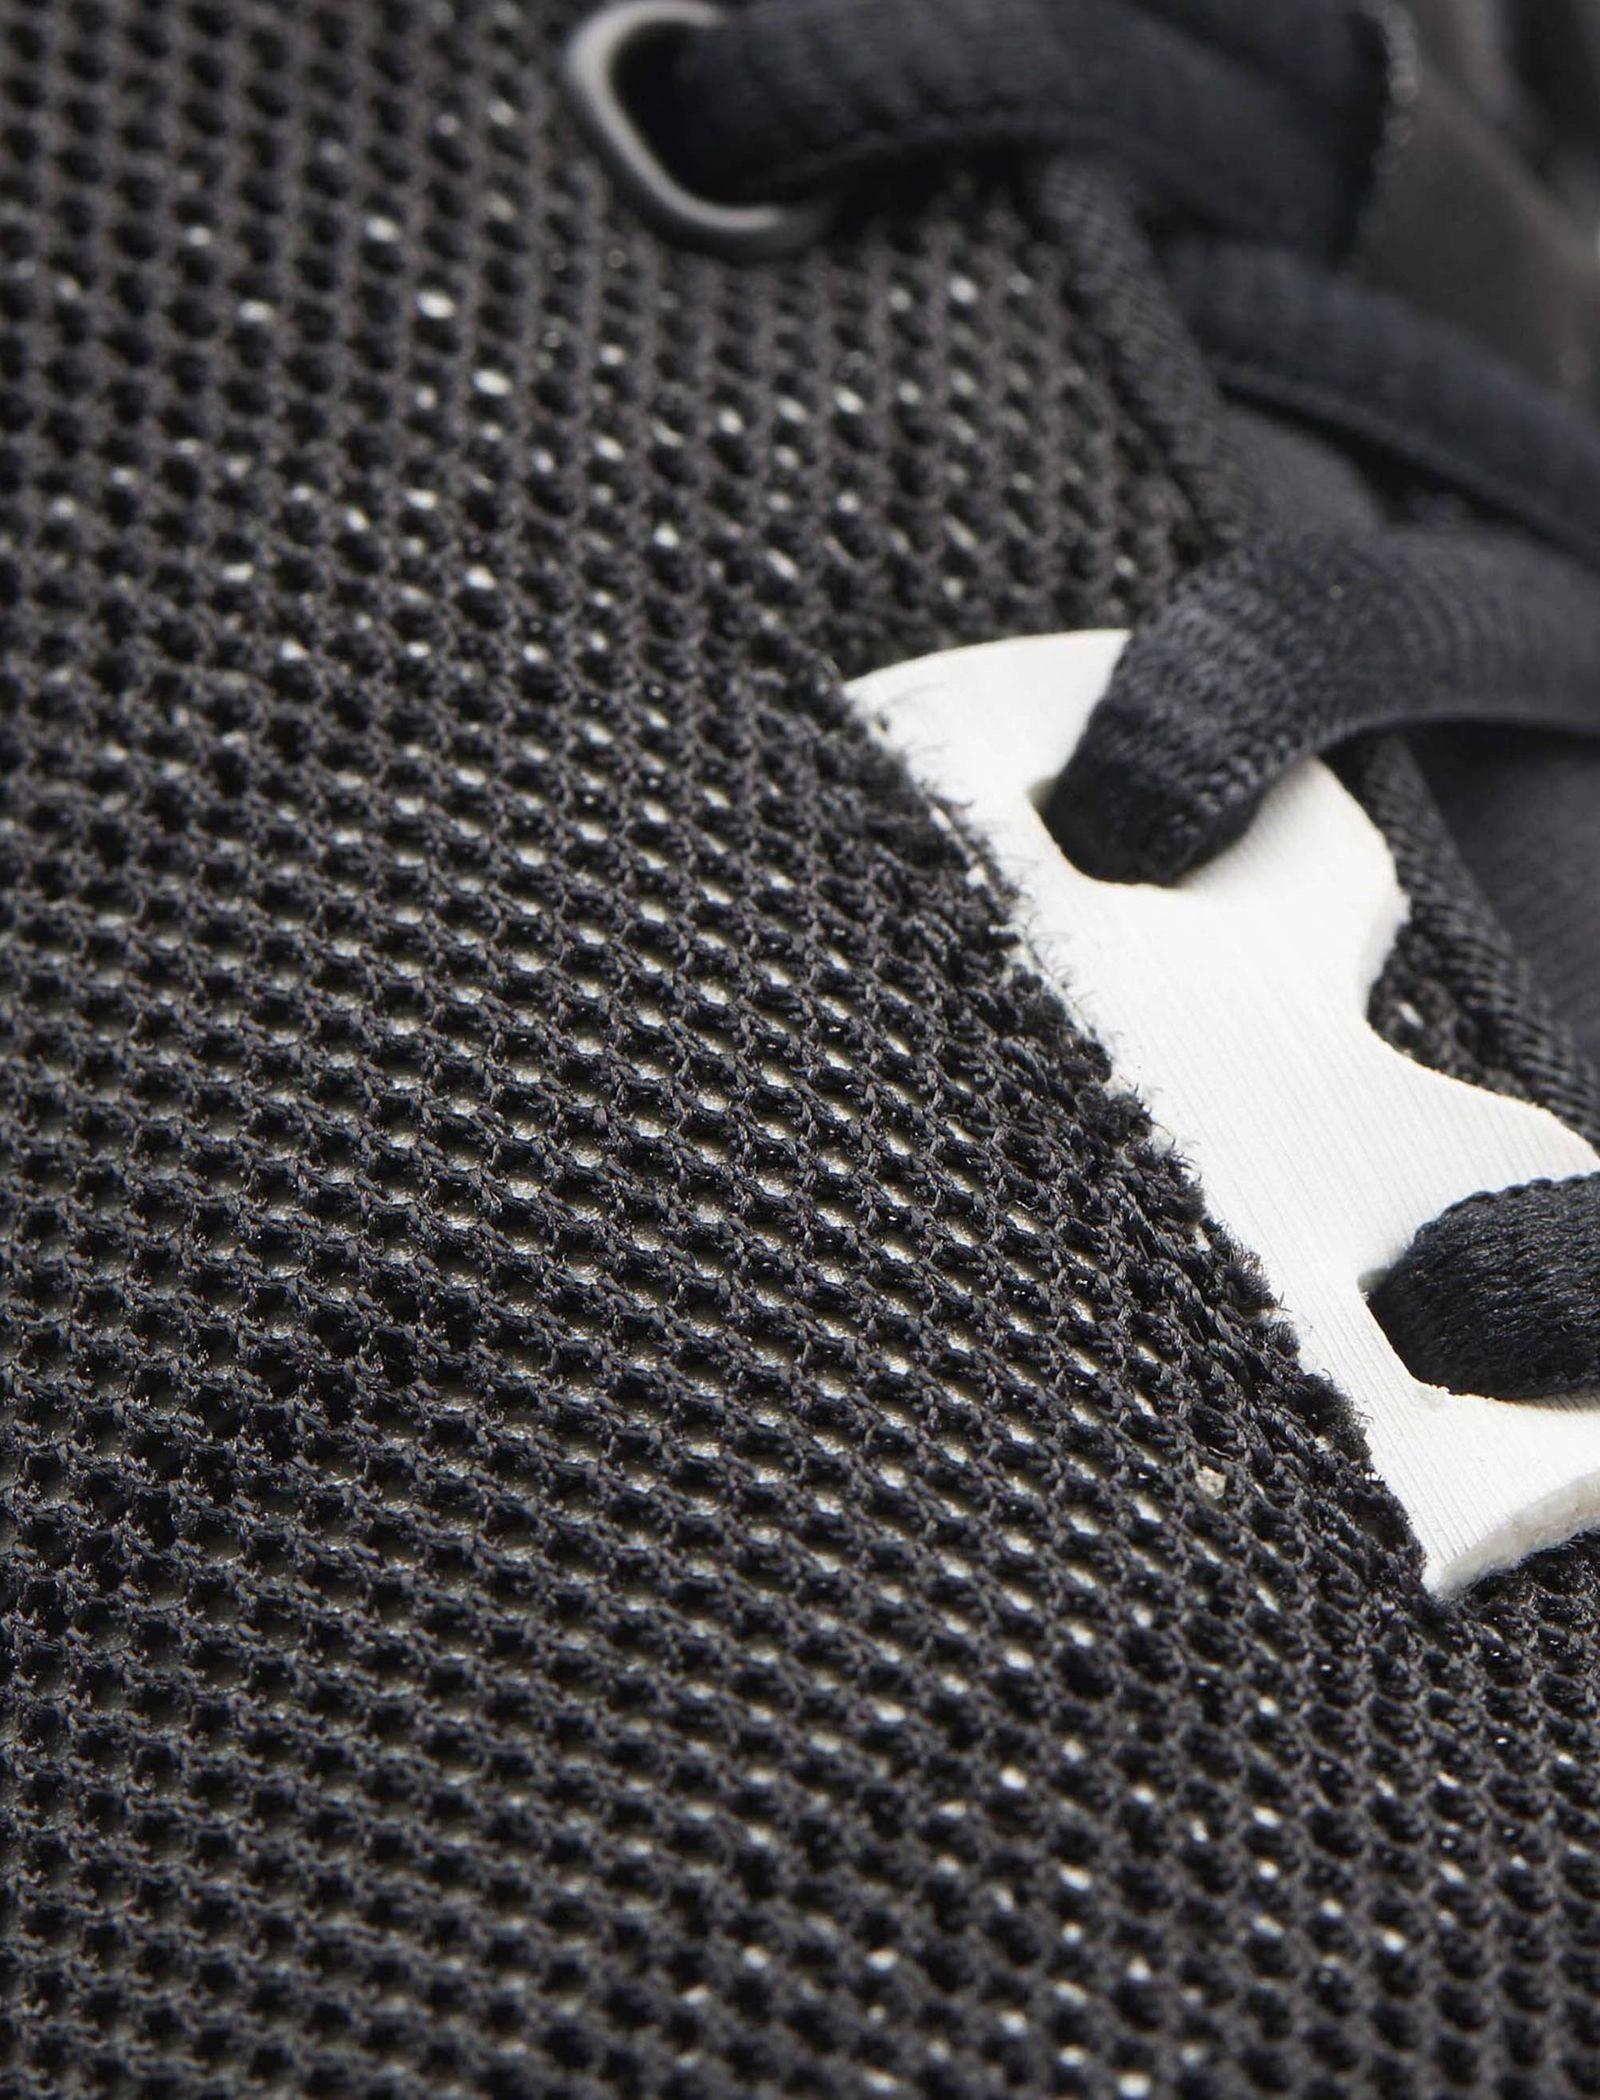 کفش تمرین بندی مردانه Hexalite TR 2-0 - ریباک - مشکي - 7